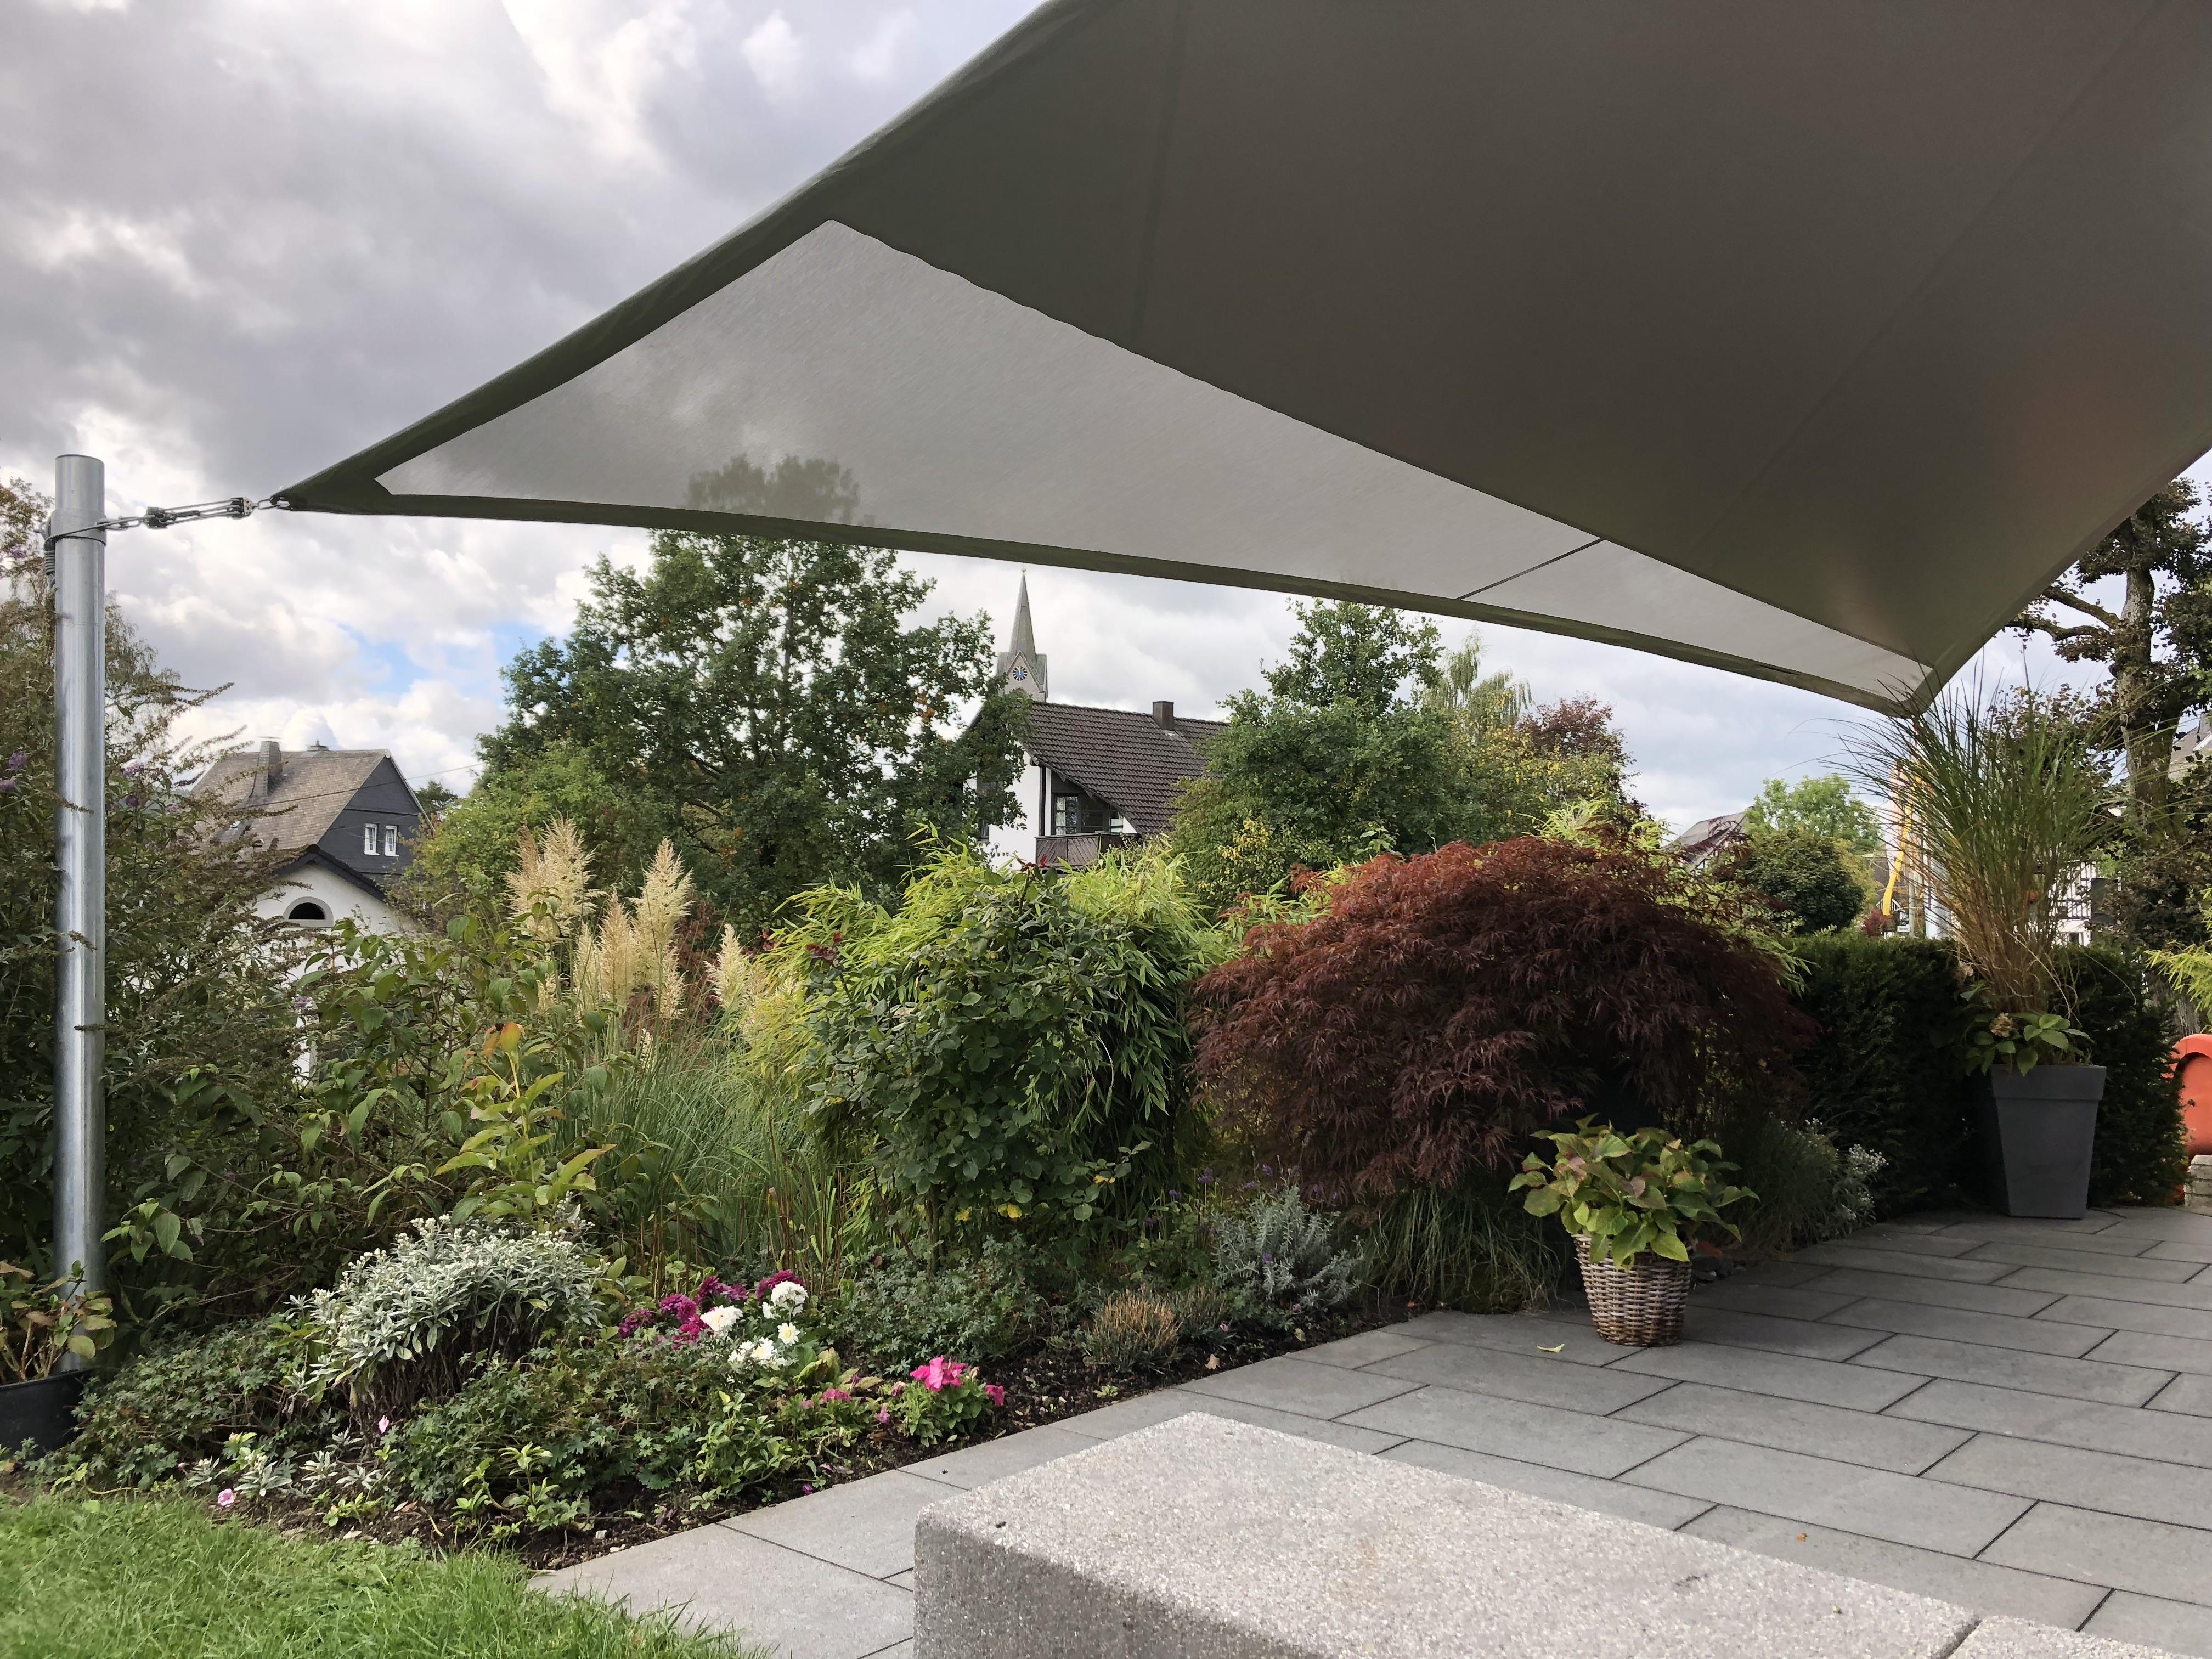 Garten - Garten, Landschaft, Pflanzen, Terrasse, Gartenhäuser, Outdoor